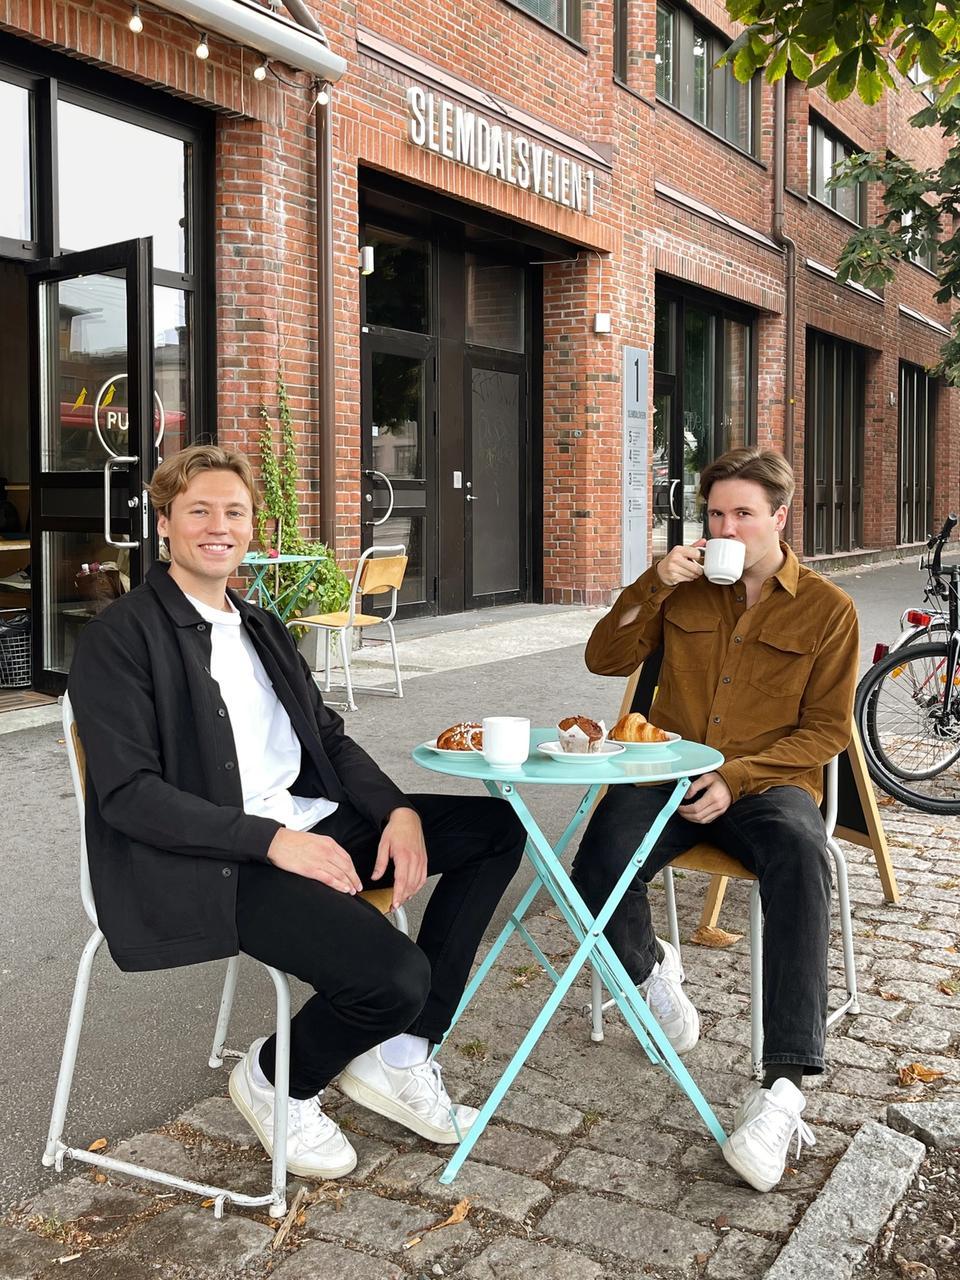 Når Sultne gutter anmelder kaféer, handler det mer om folk enn kaffe